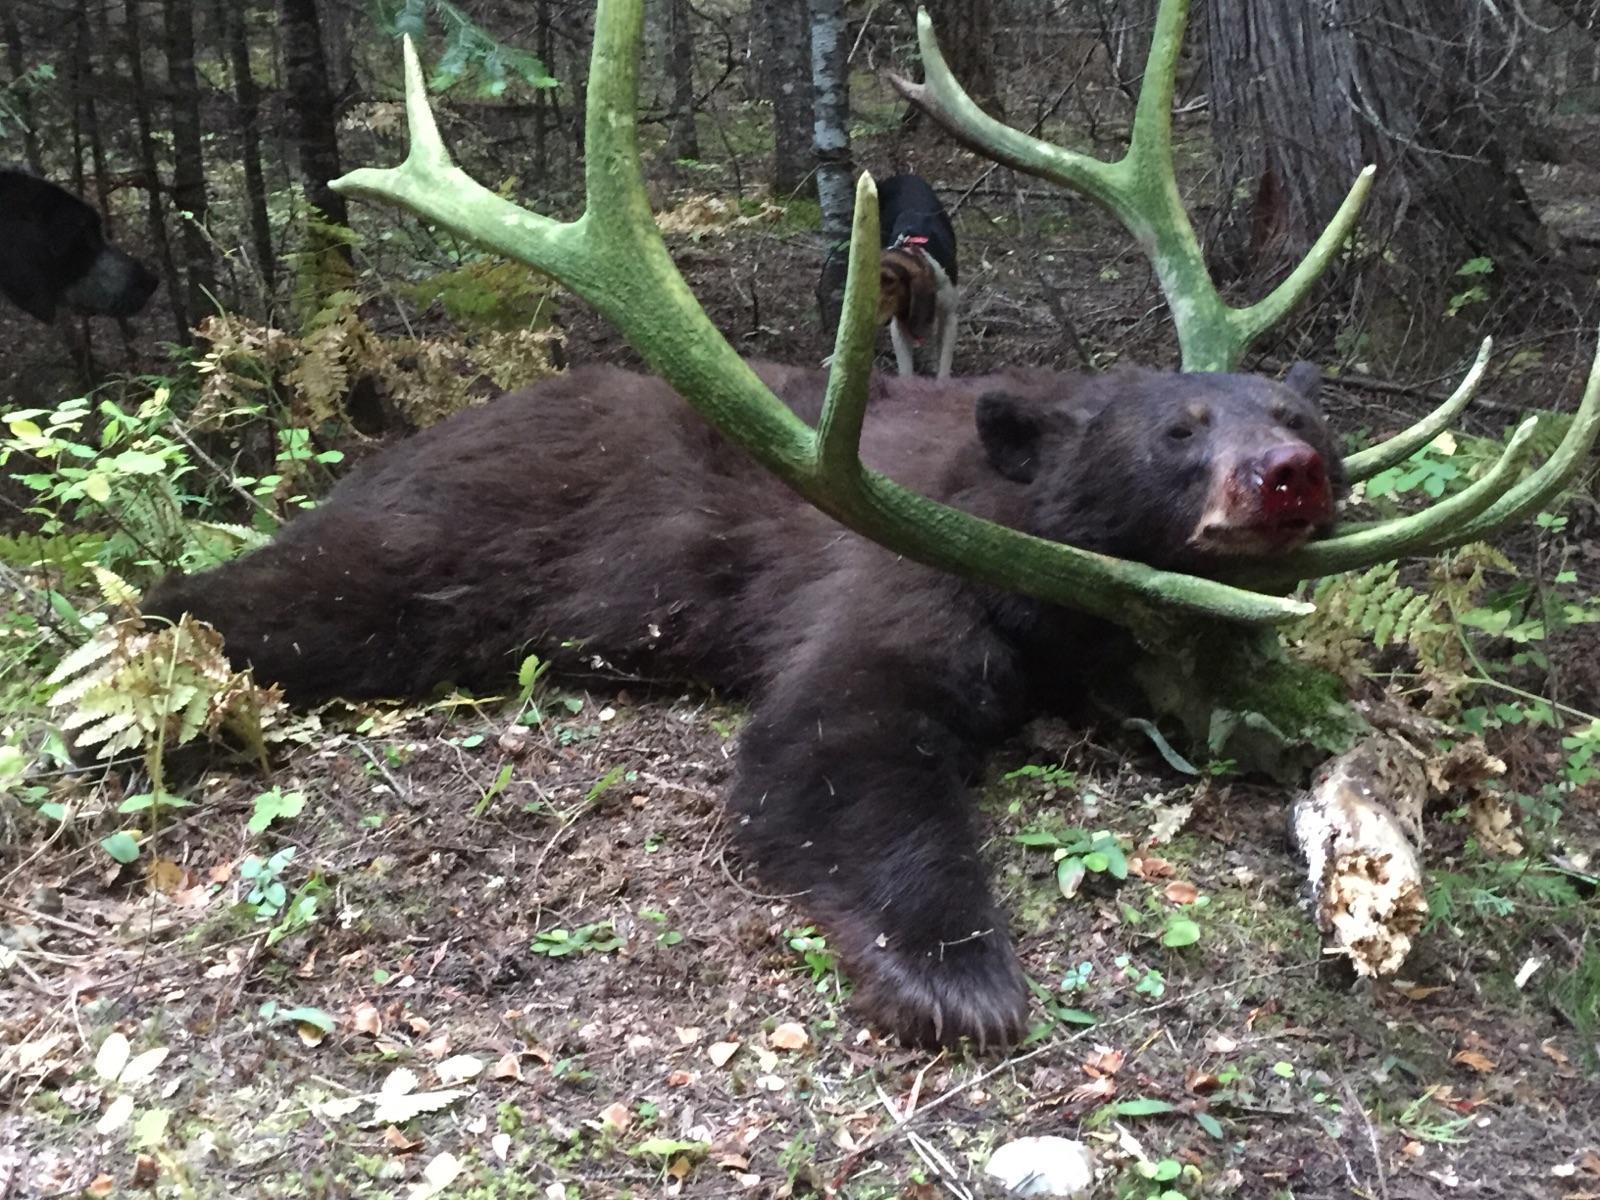 Black bear in elk antlers